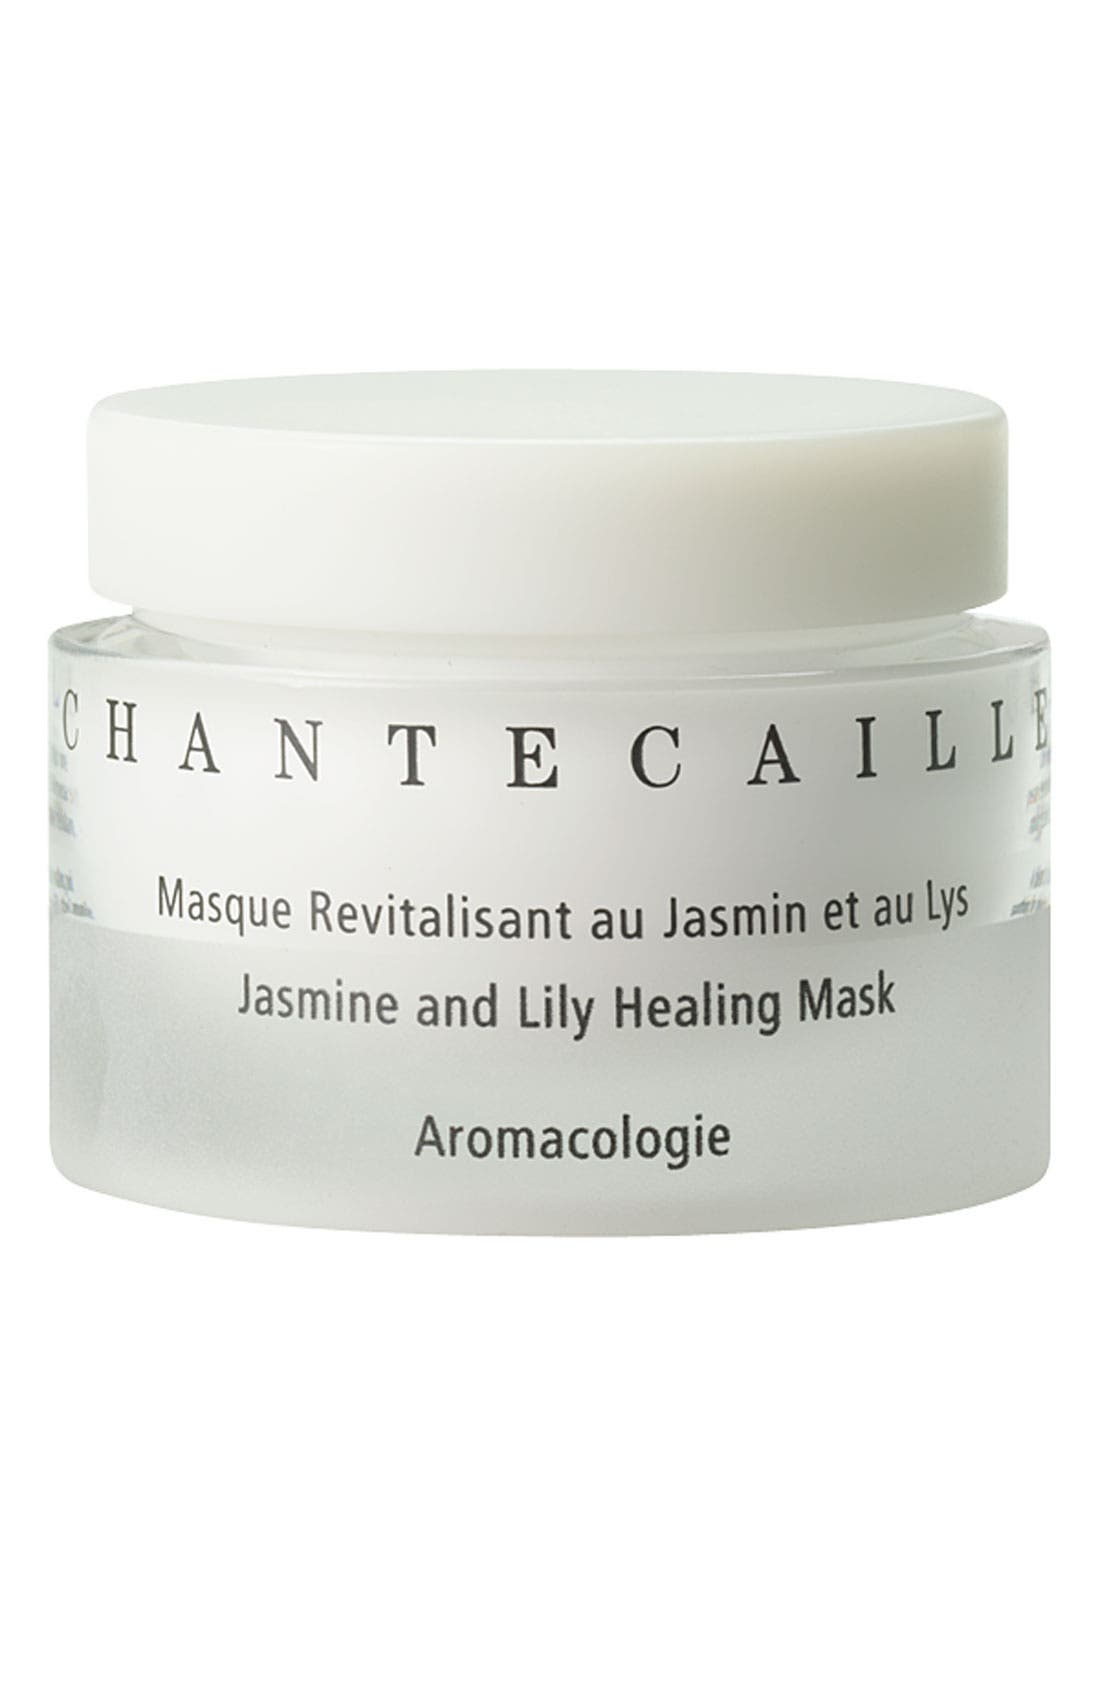 Chantecaille mask